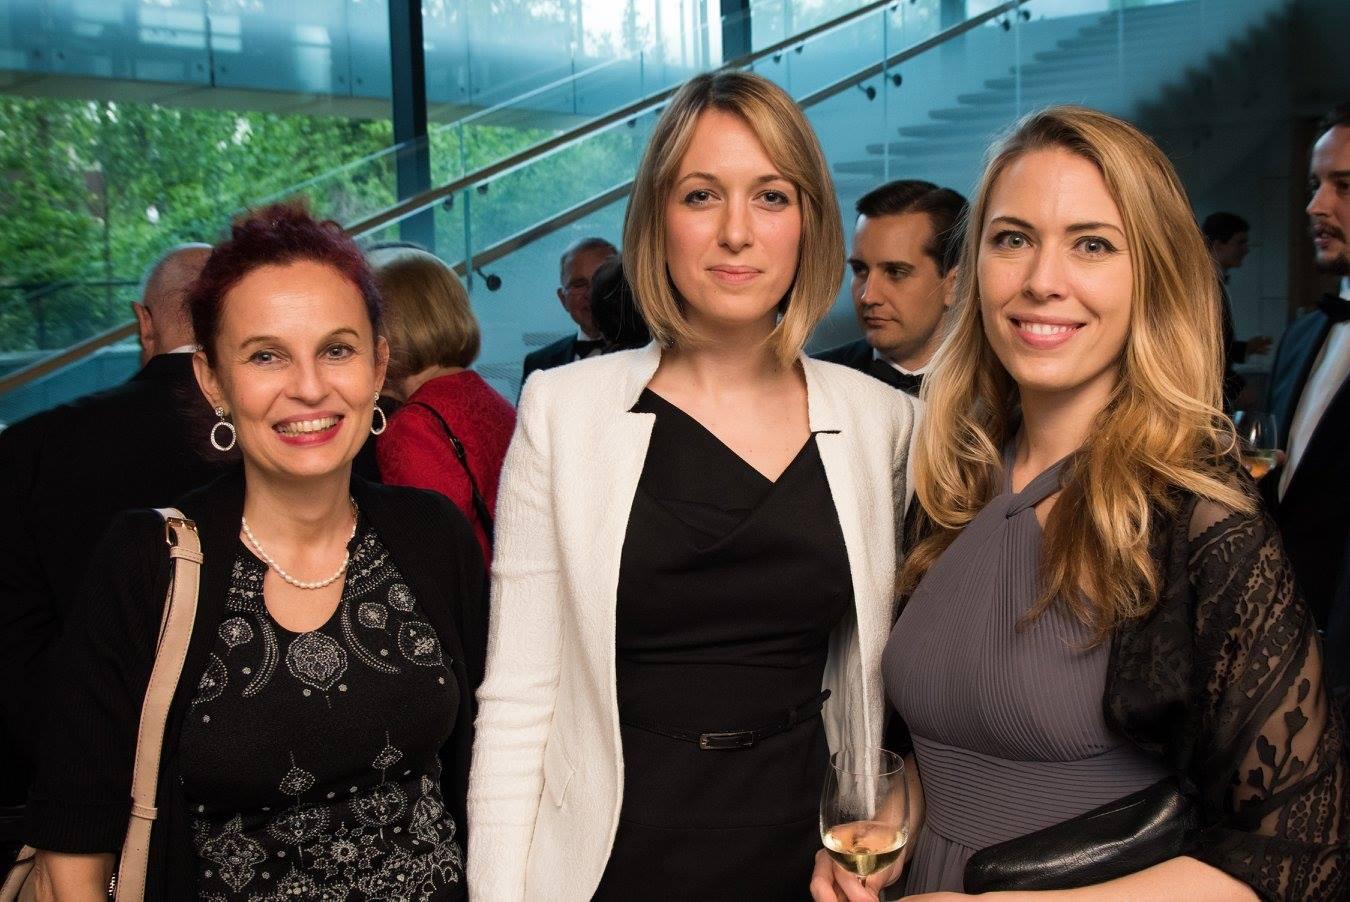 Ms. Anita Demeter, Ms. Dorottya Mártonffy-Nagy, Ms. Rosie Rauer